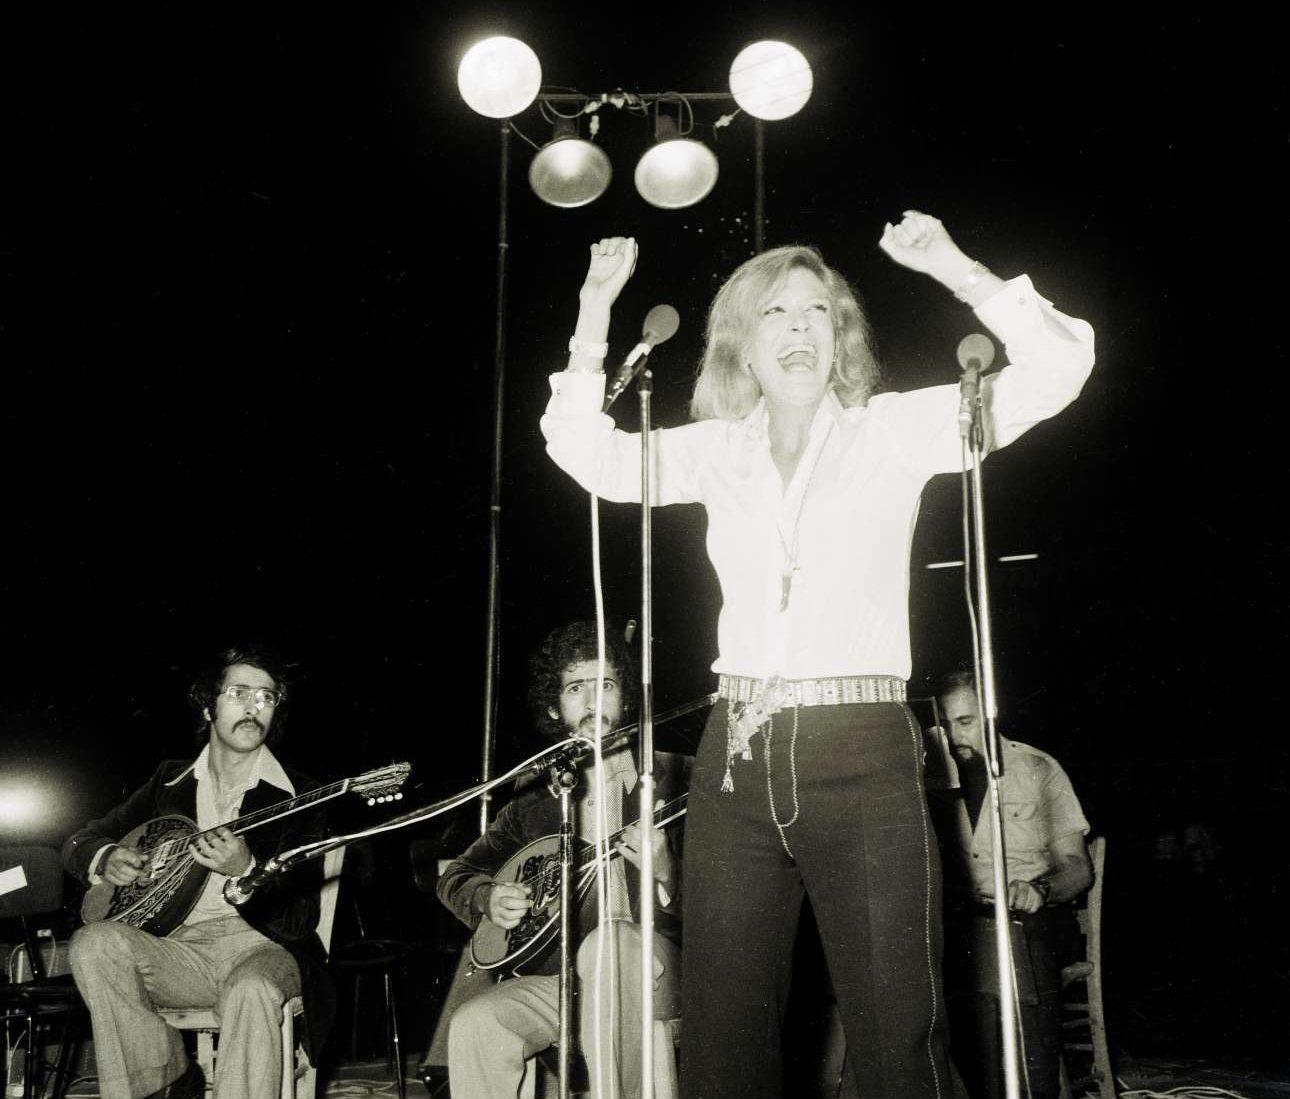 Η Μελίνα σε συναυλία, σύμβολο του αντιδικτατορικού αγώνα